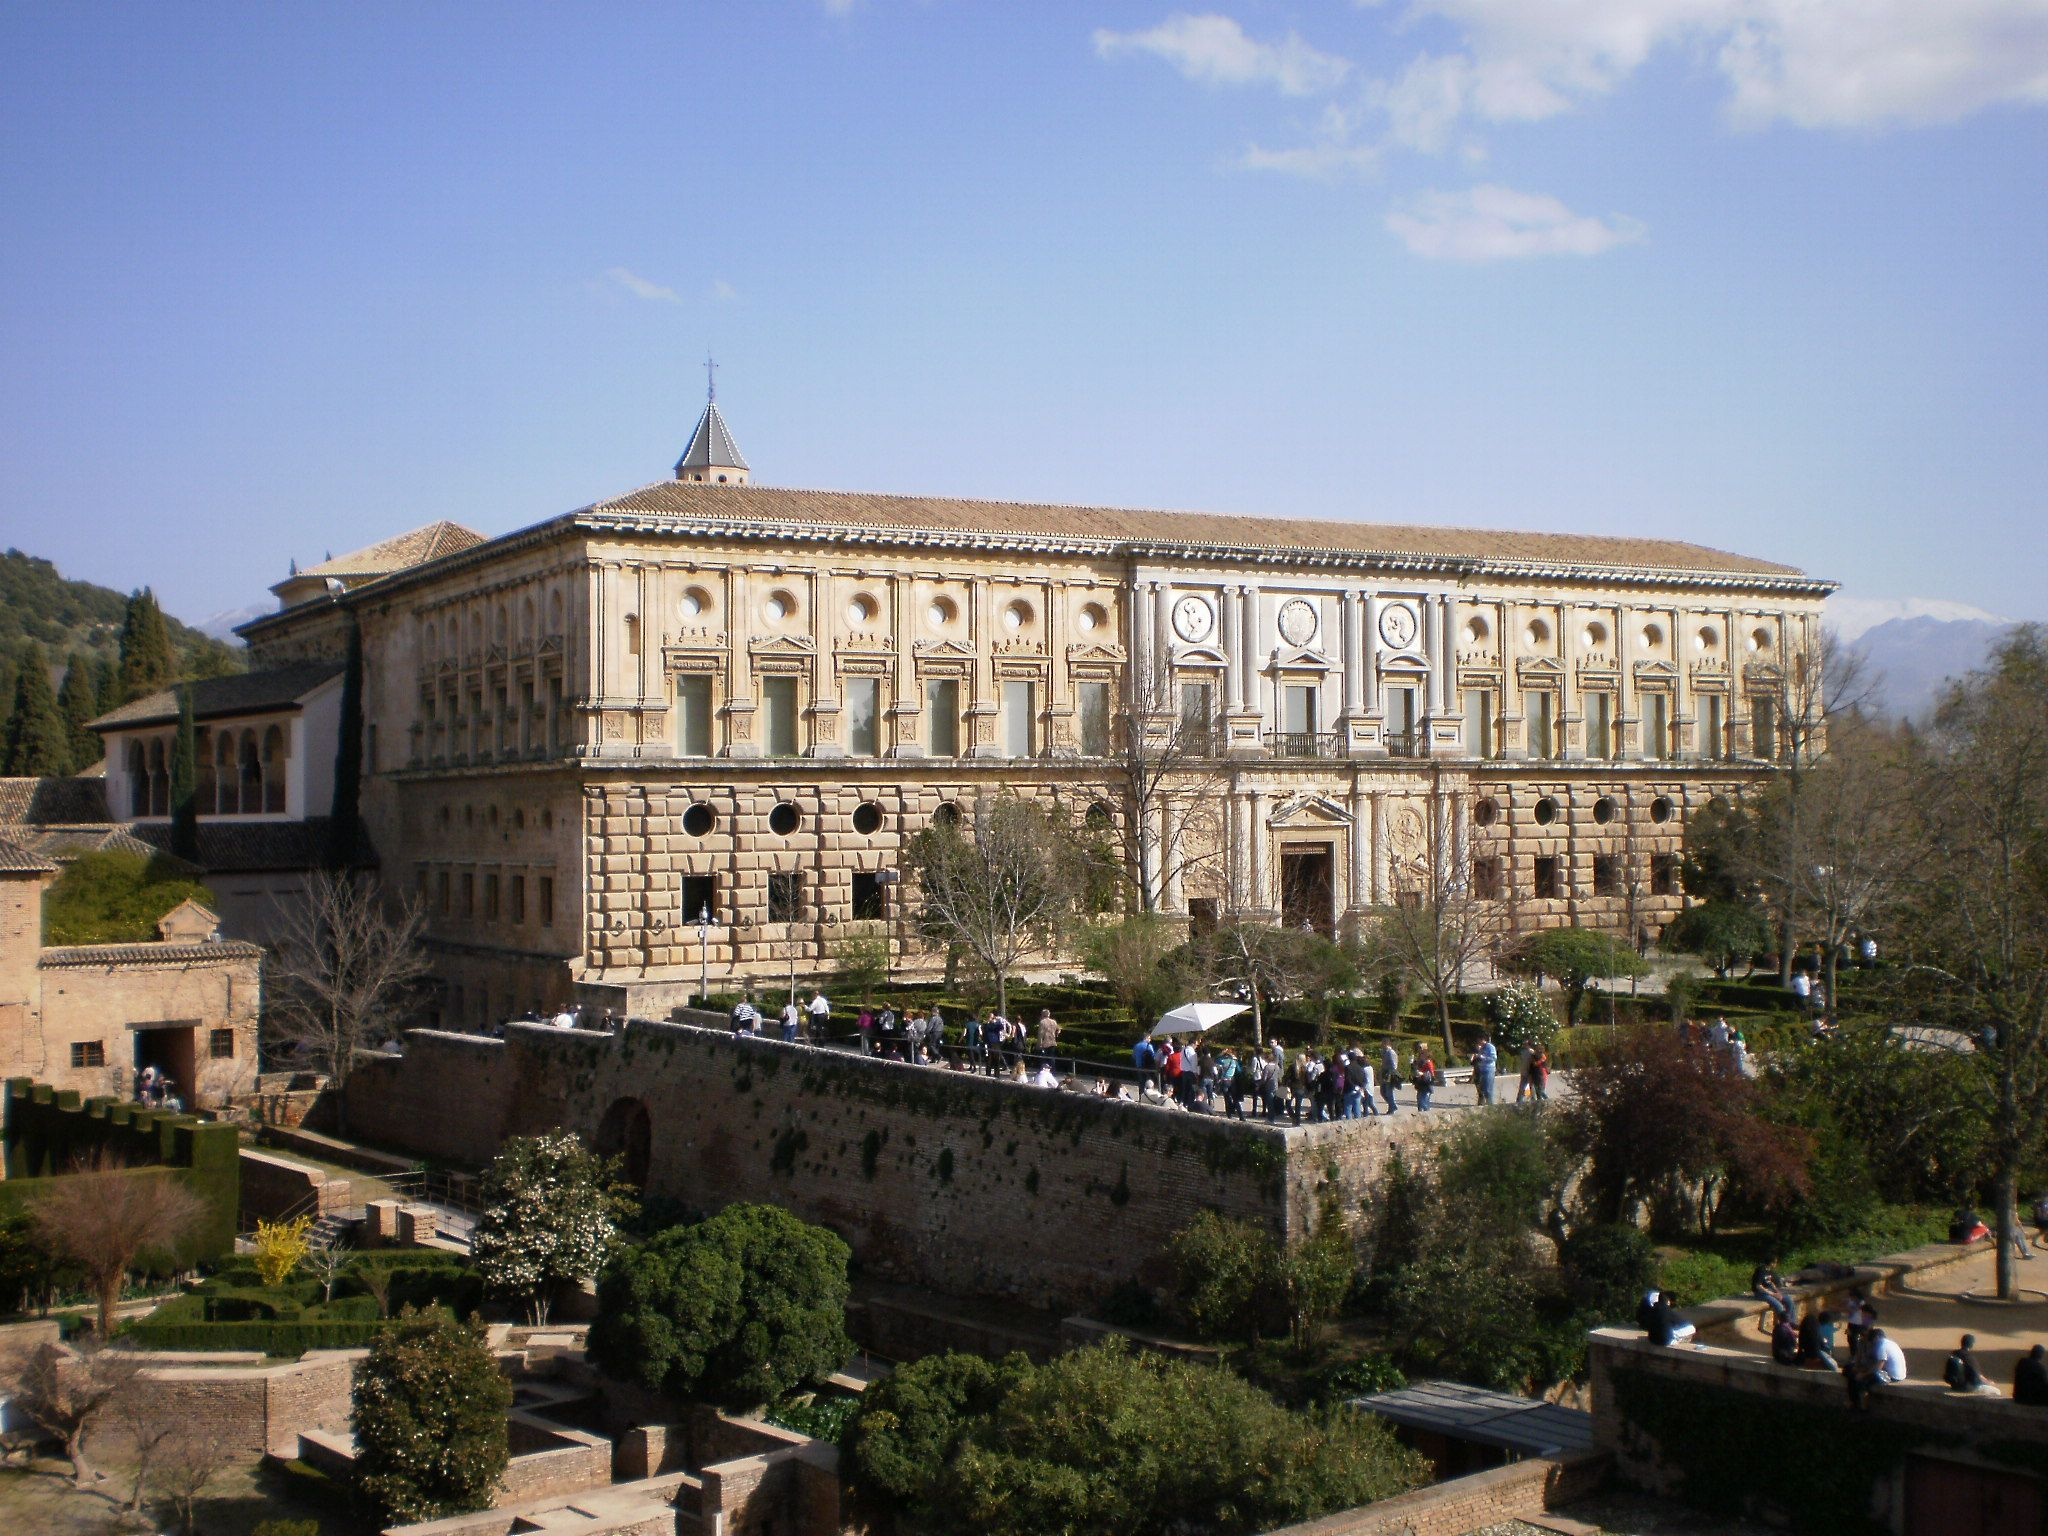 File:Palacio de Carlos V 04.JPG